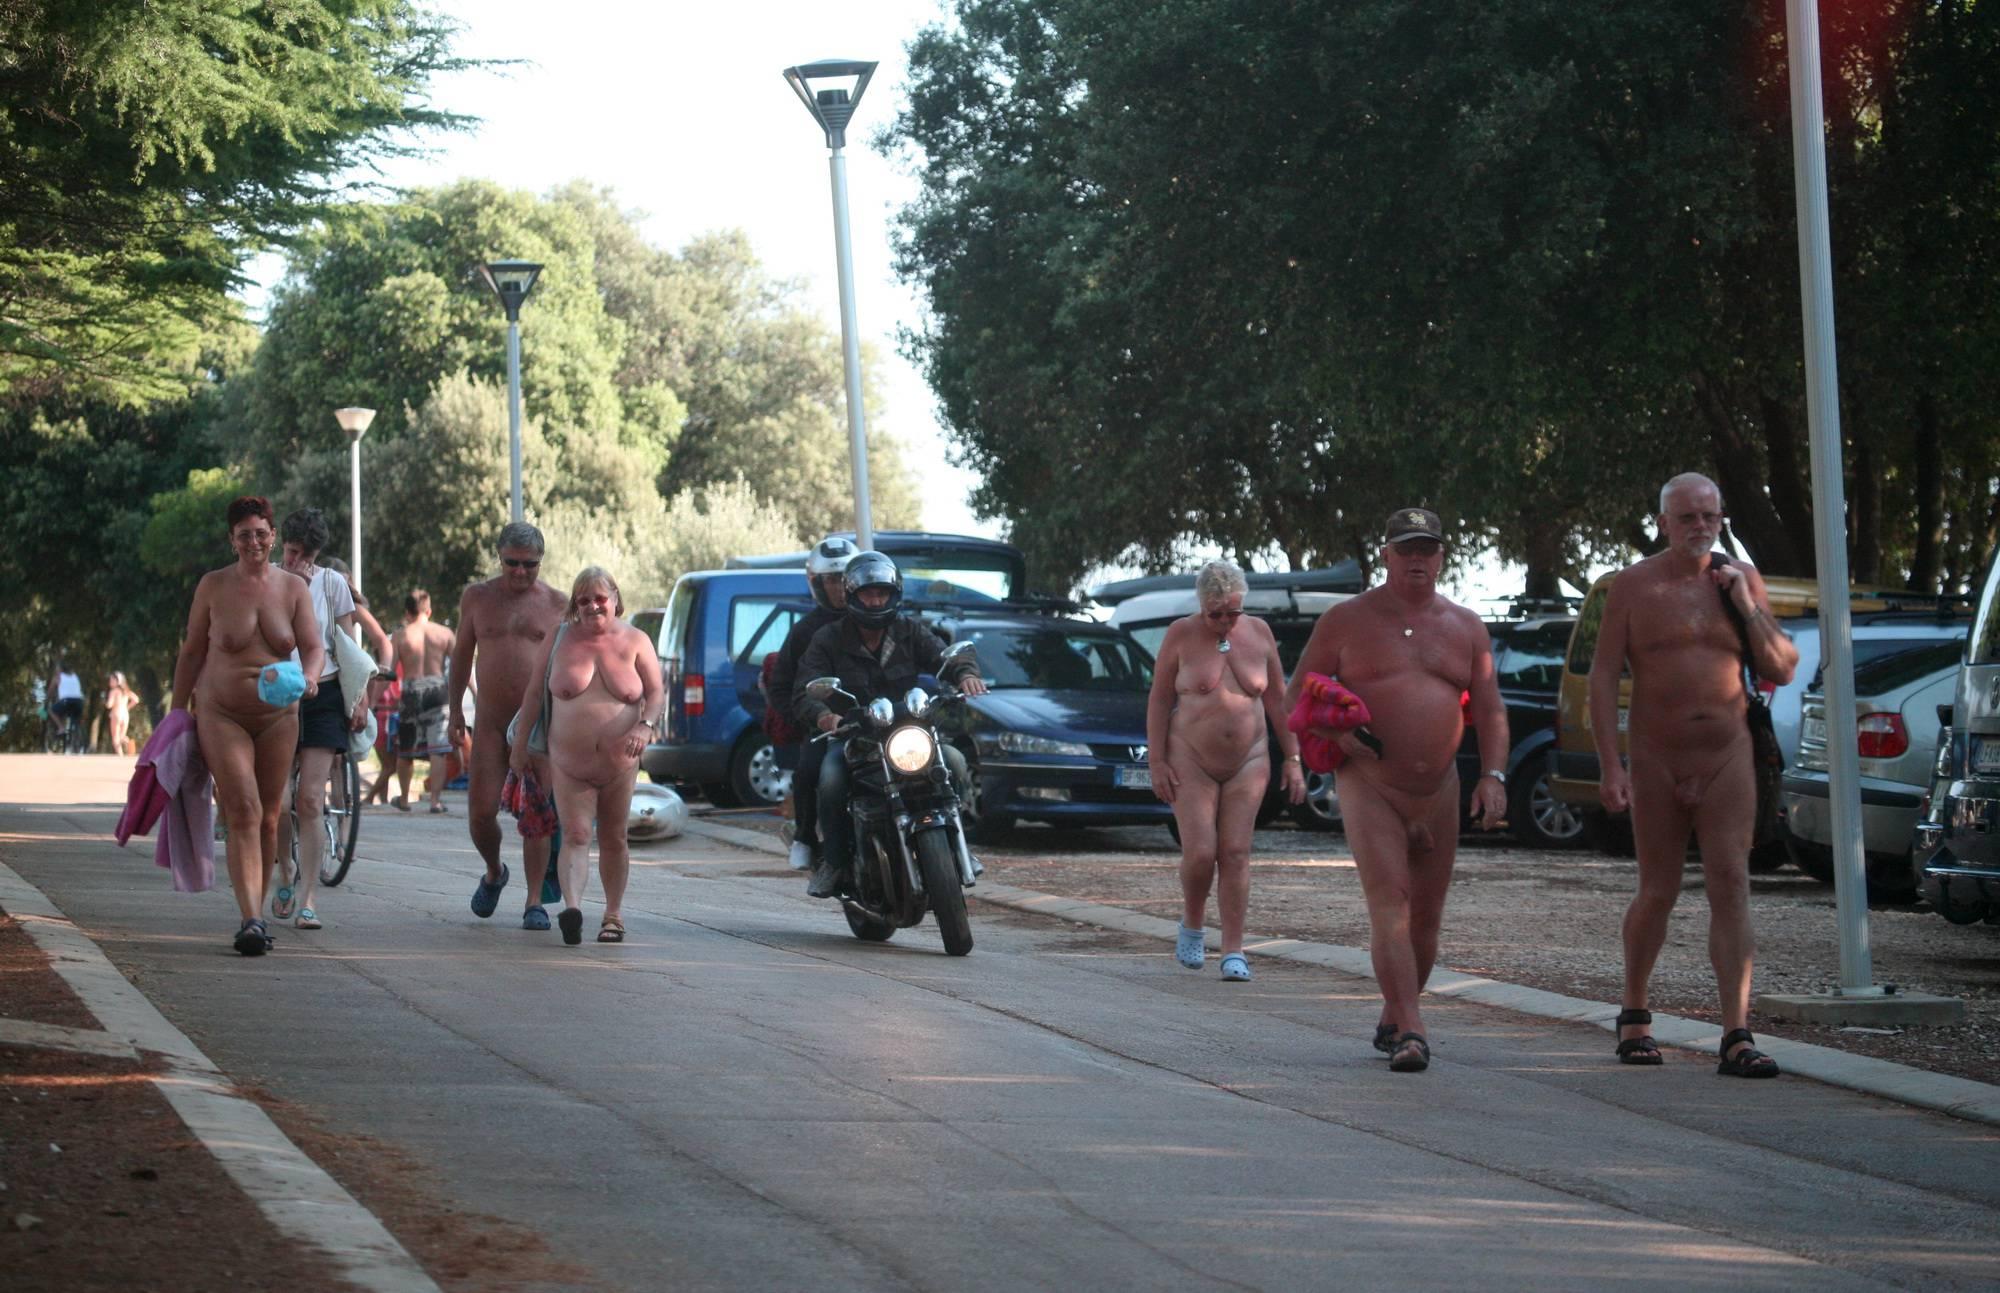 Pure Nudism Gallery-Nudist Park Sidewalk Shot - 2